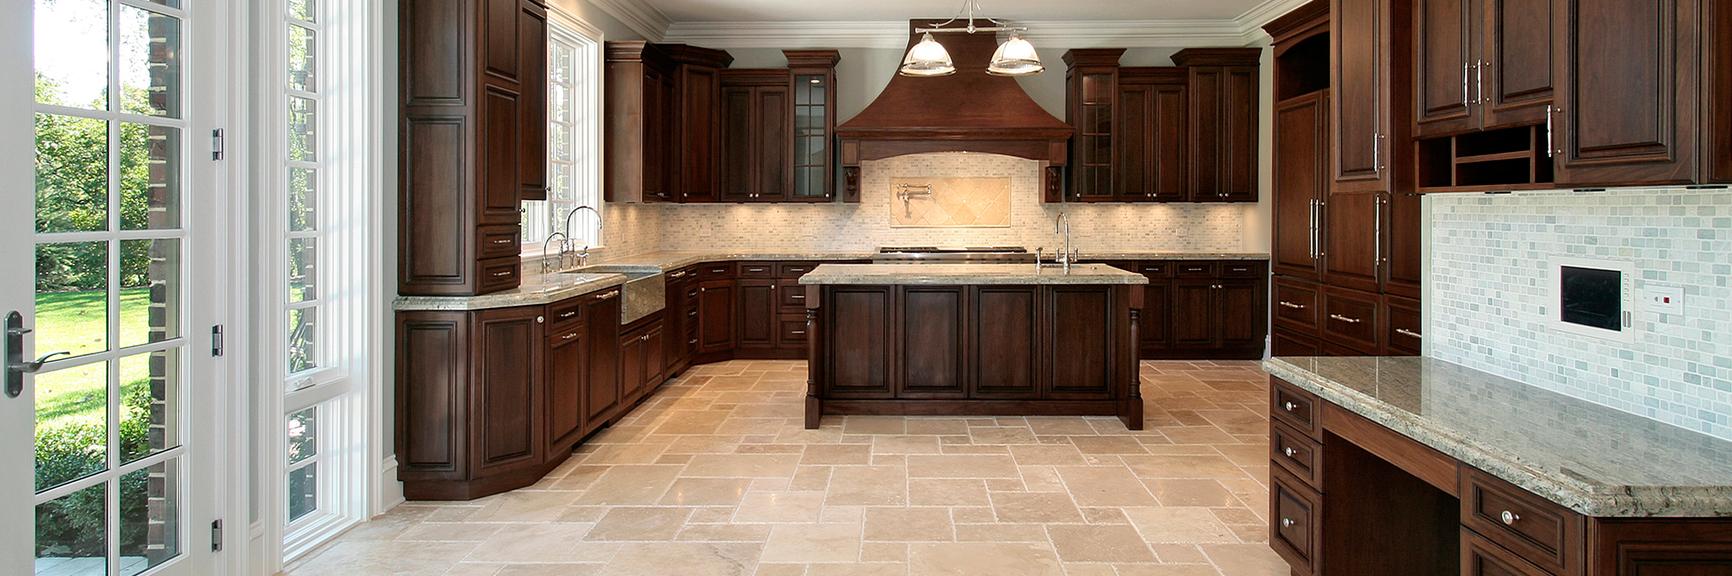 Tile Installation Tucson Az Free In Home Estimates